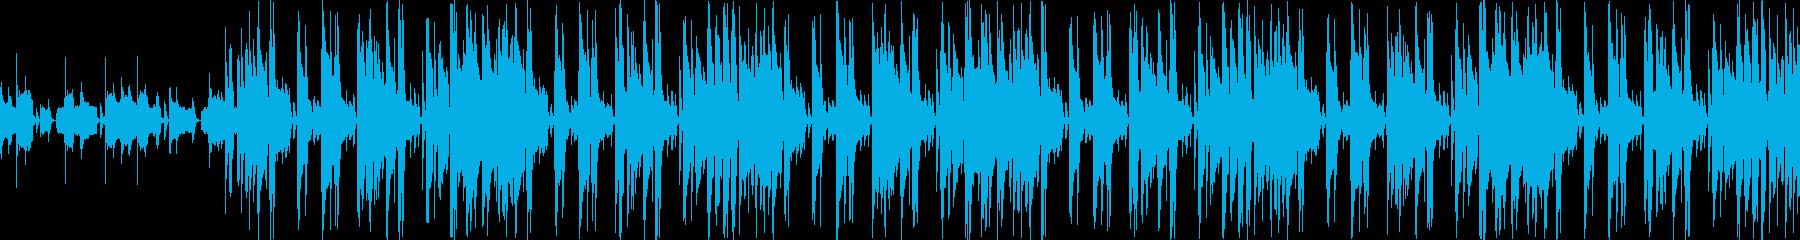 ポップでかわいく機械的なループBGMの再生済みの波形